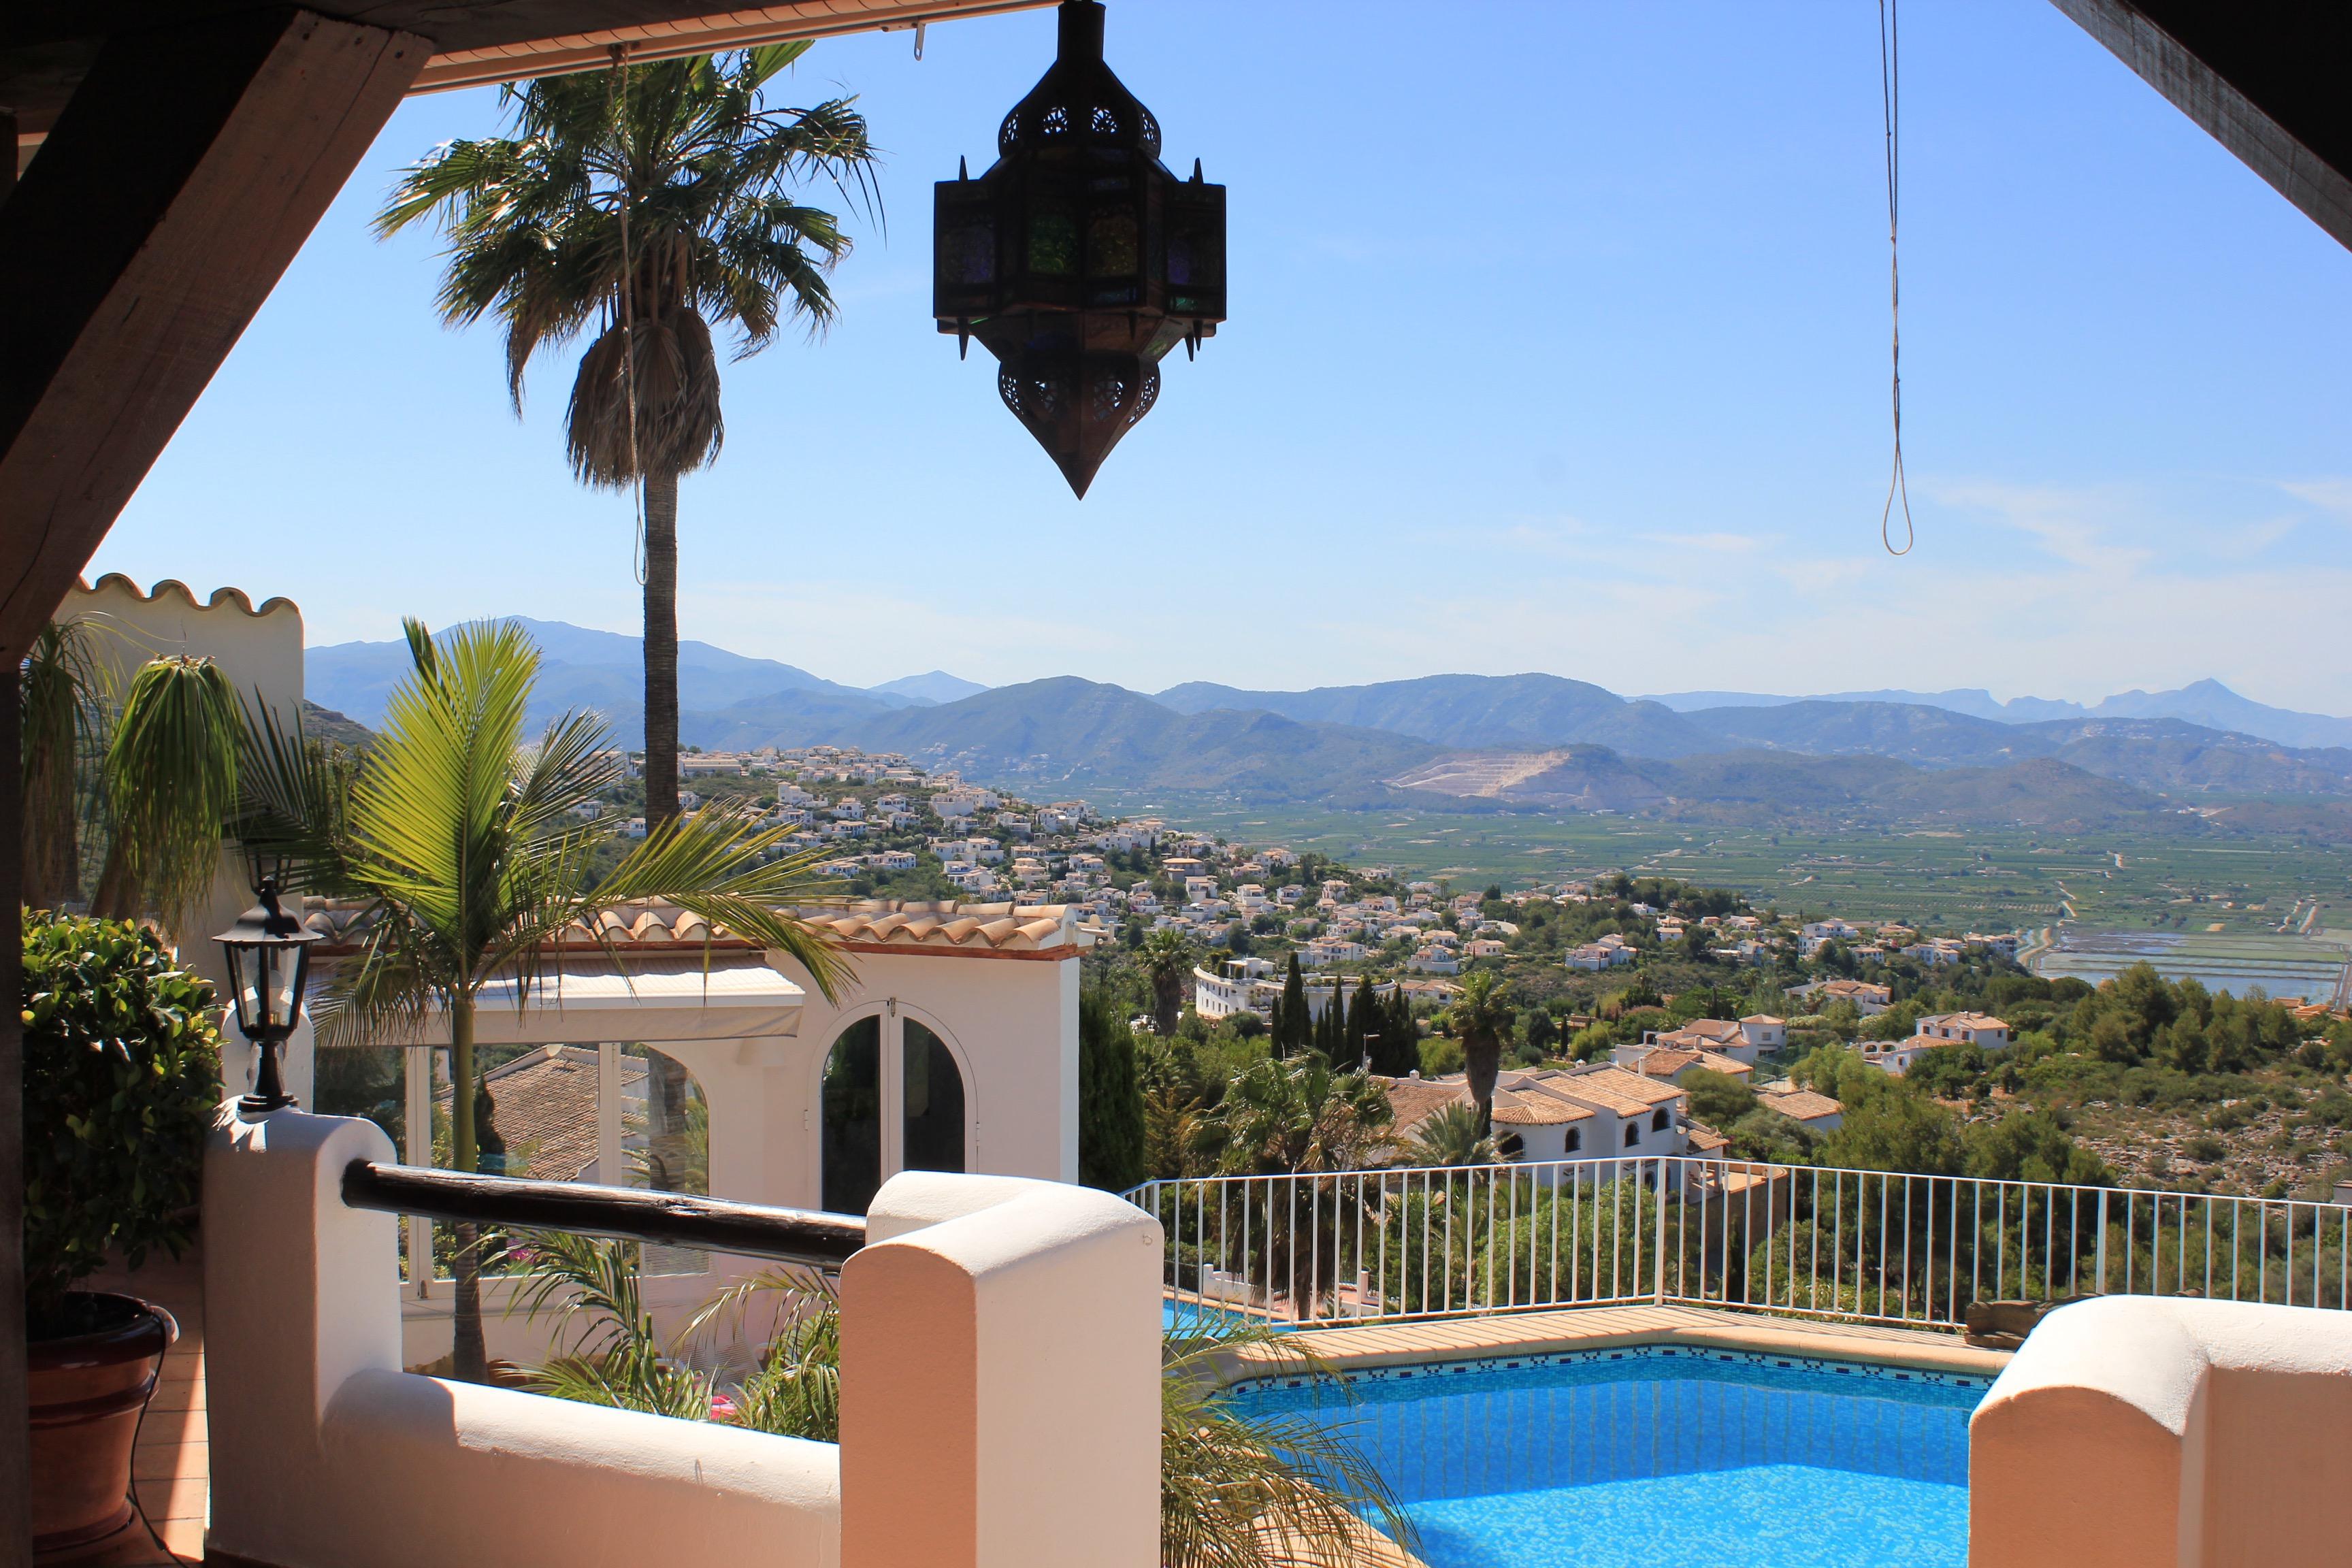 Poolbereich mit Blick zum Meer und in die Berge